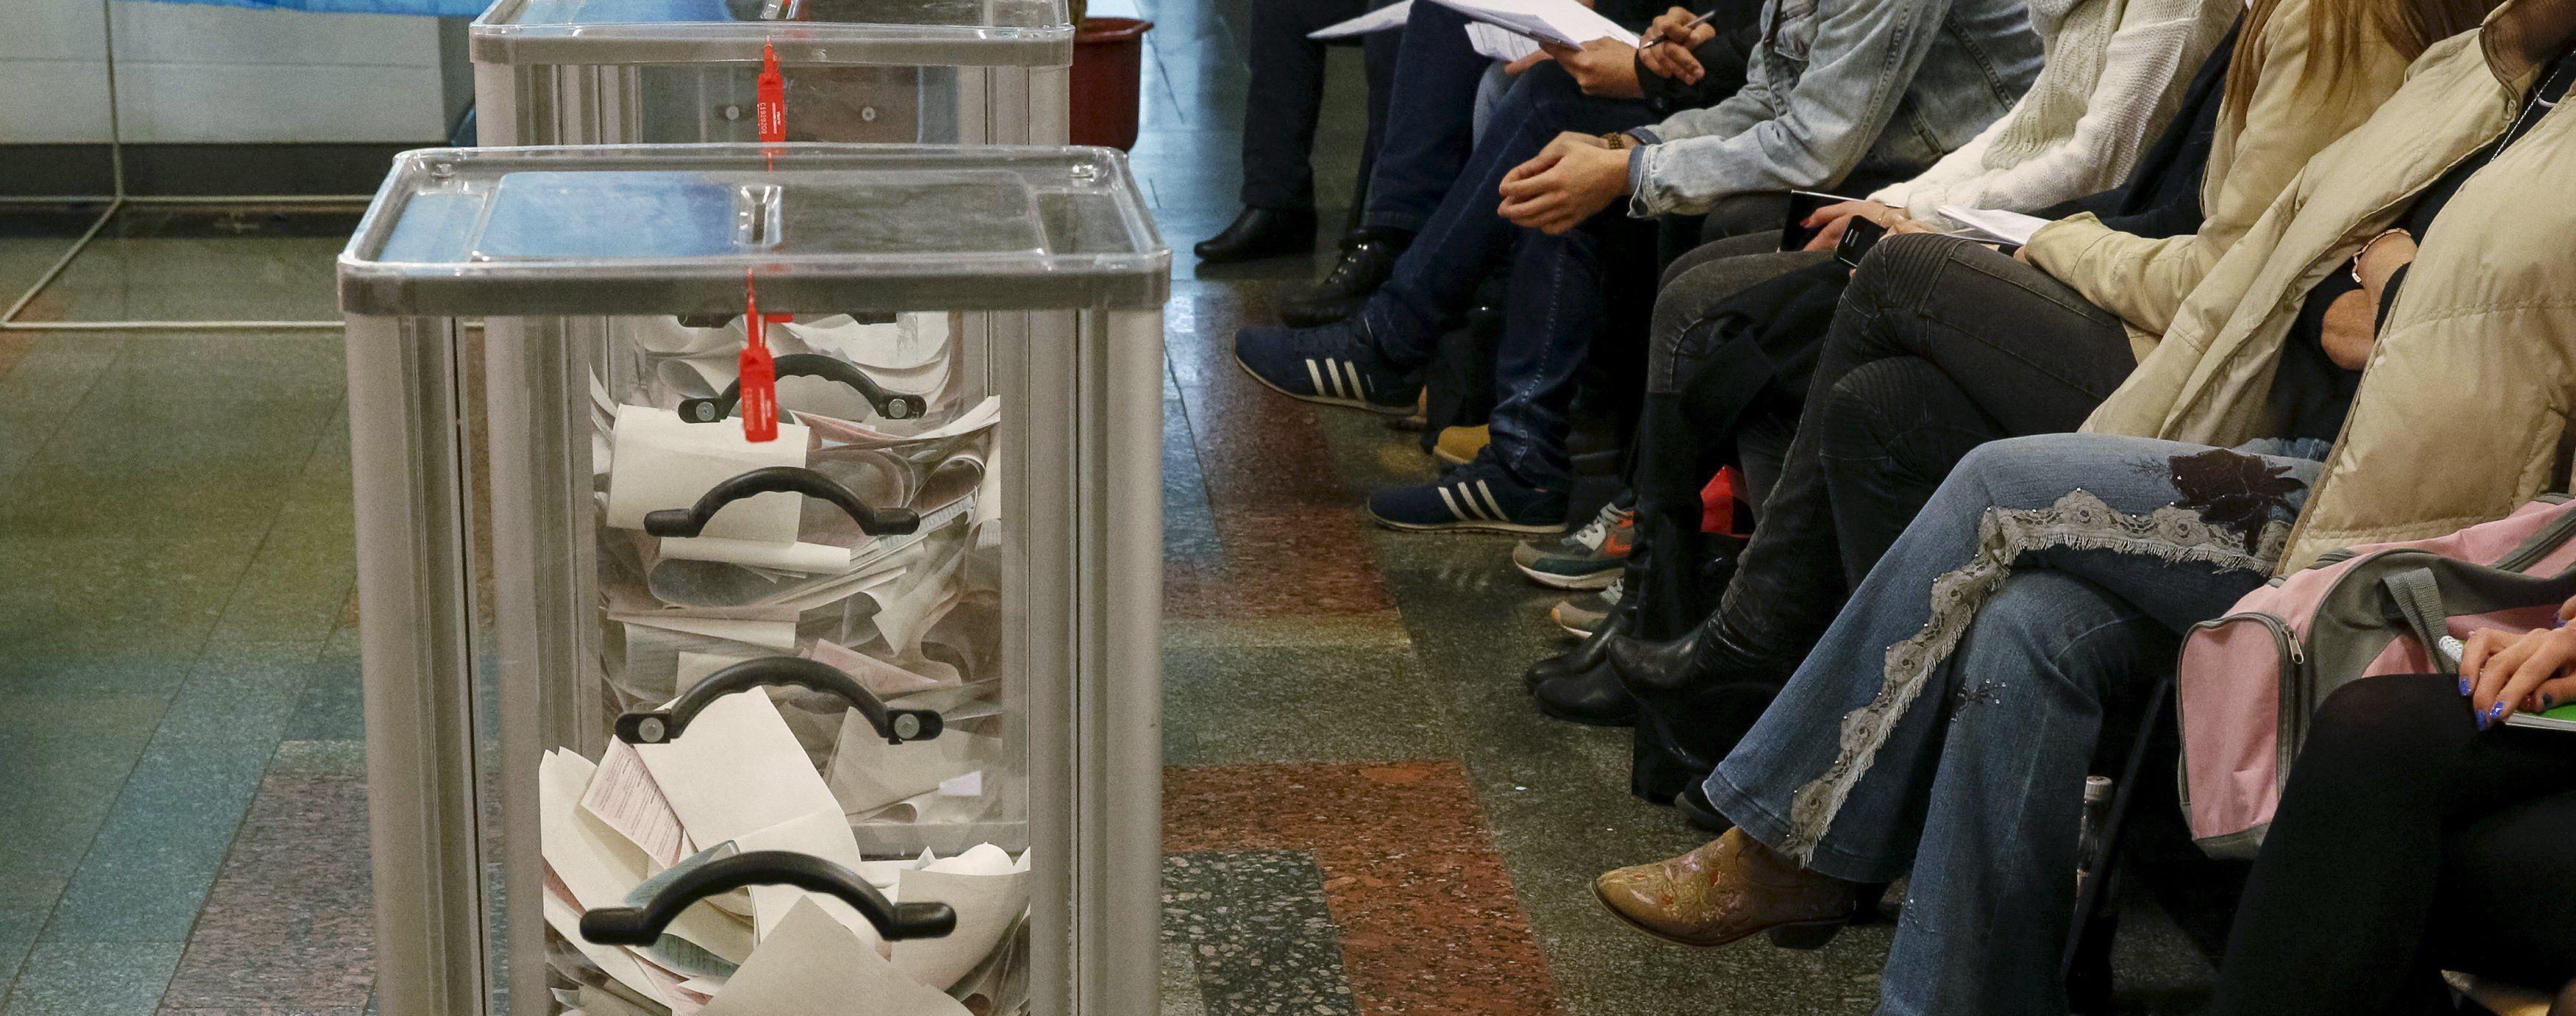 В КИУ рассказали о откупы на выборах в Ужгороде, которые повлияли на результаты голосования